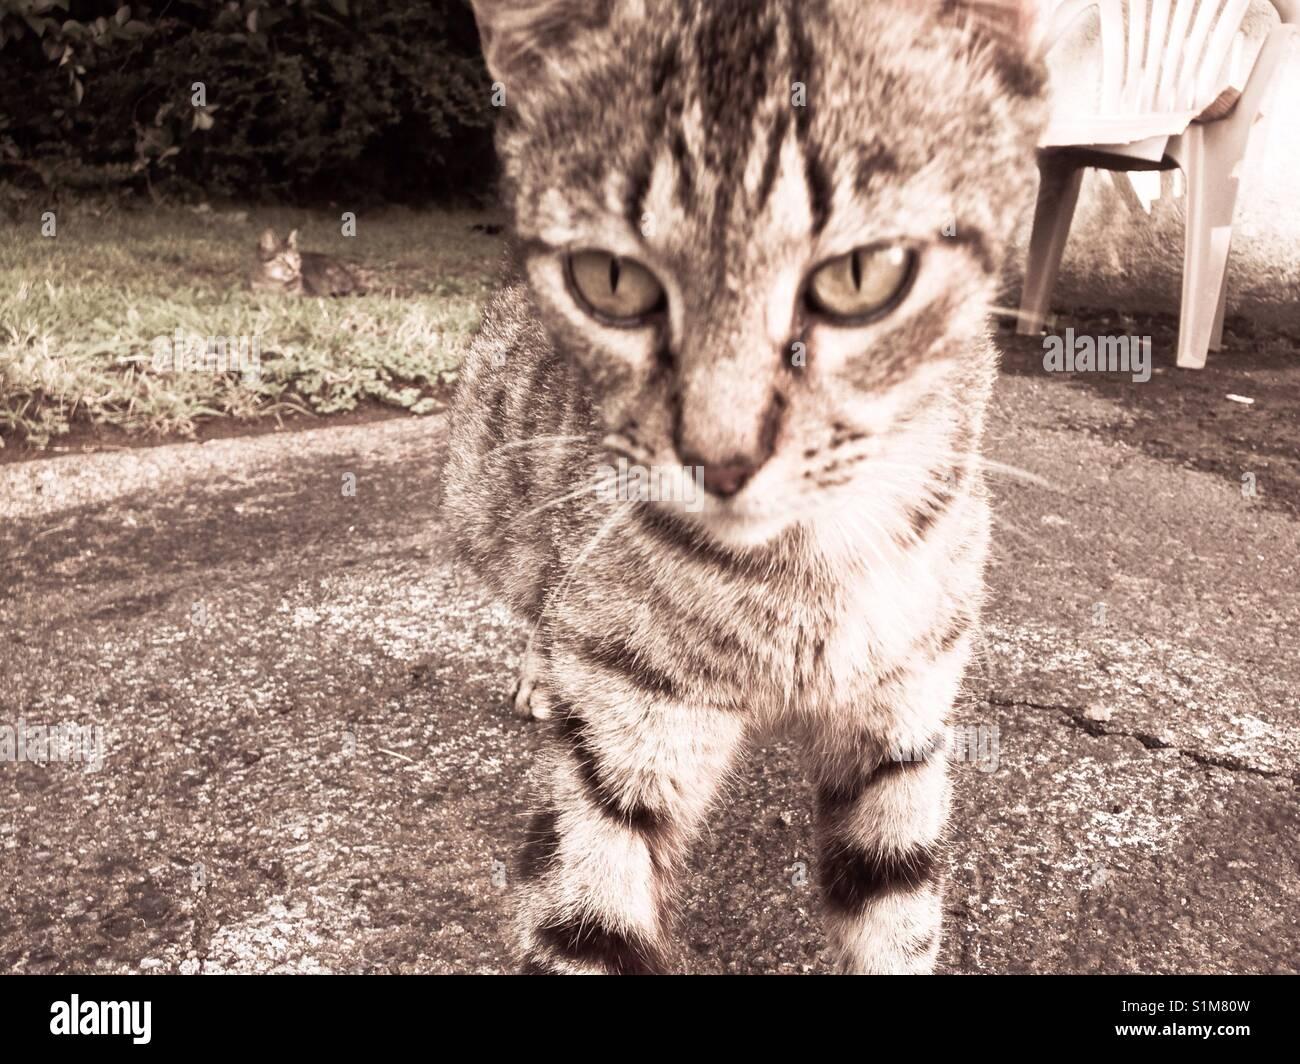 Hesitation- approaching feral cat hesitates - Stock Image